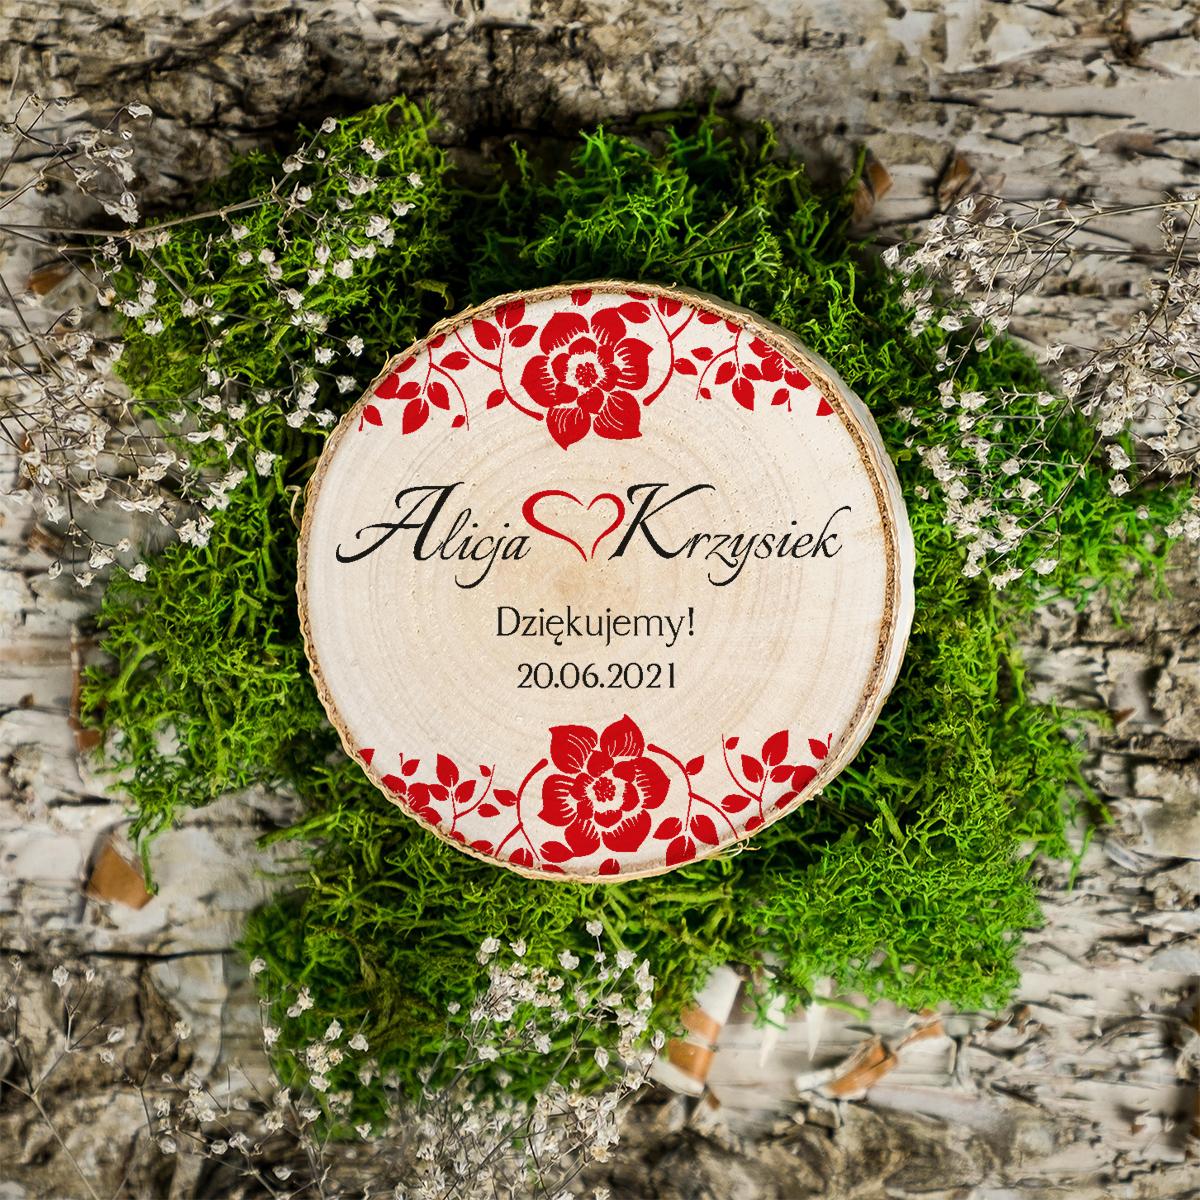 magnes-na-plastrze-brzozy-ornament-z-kokardka-czerwone-dodatki-